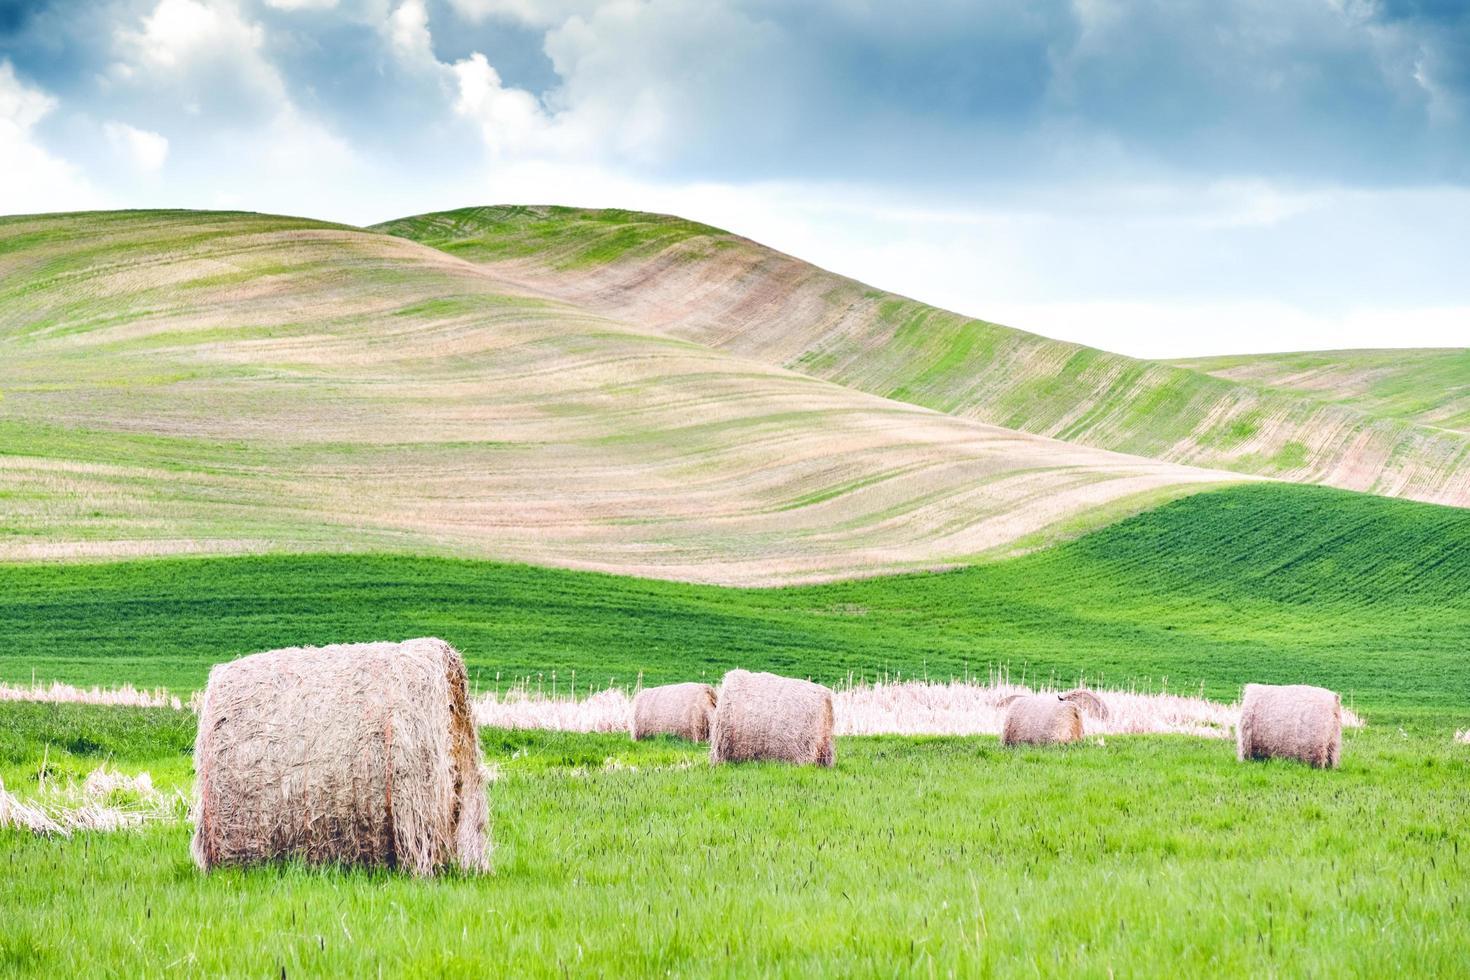 rollos de heno en campo de hierba verde y marrón foto